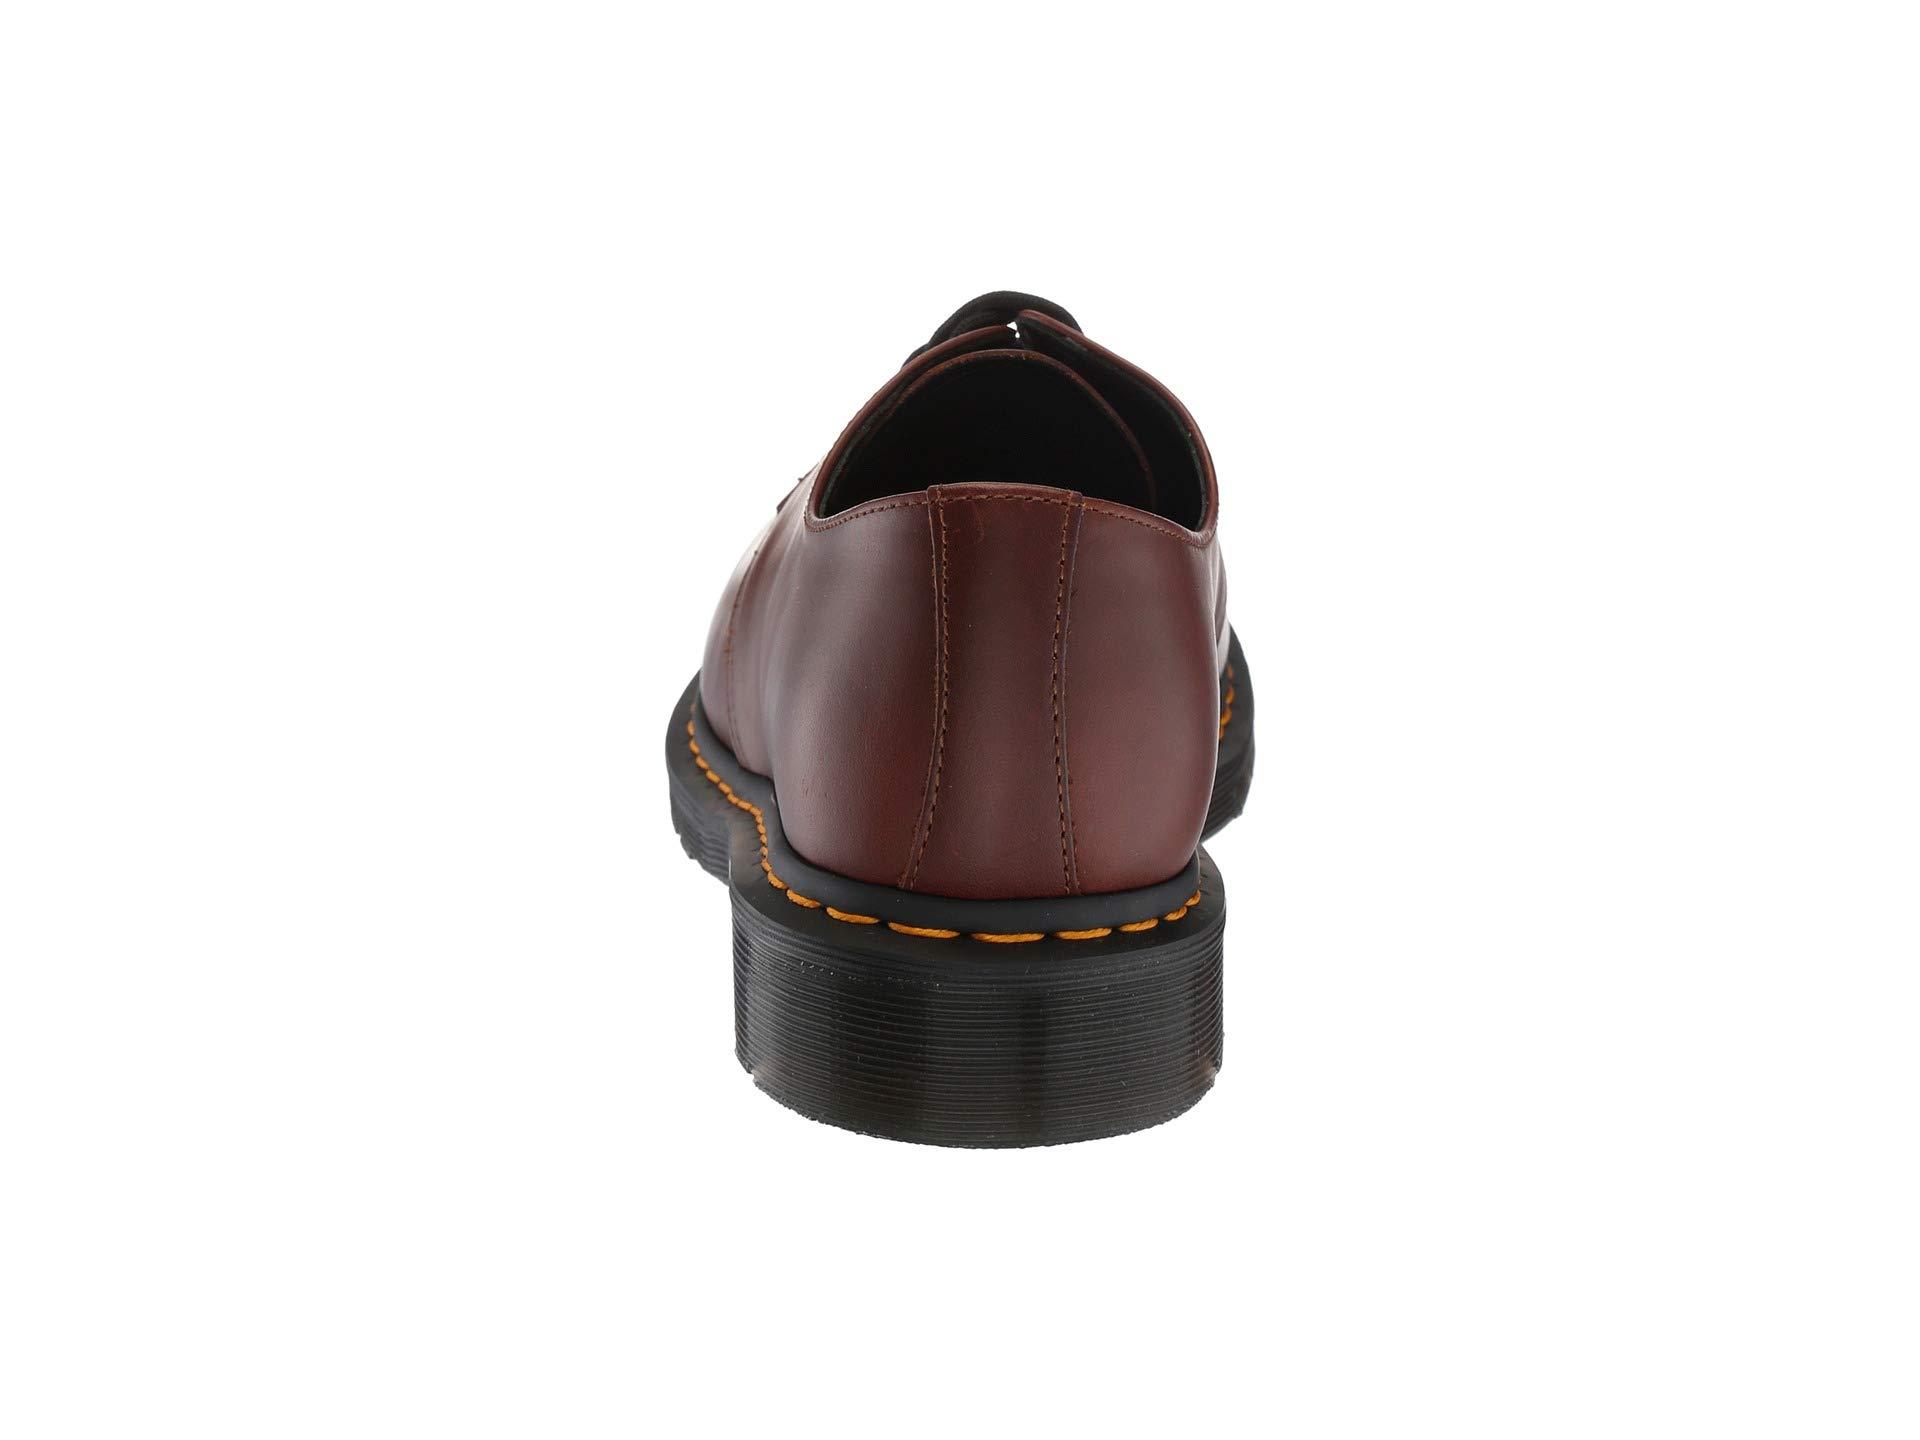 Aqua Dr Cognac 1461 Glide Core Martens wwqT8I6